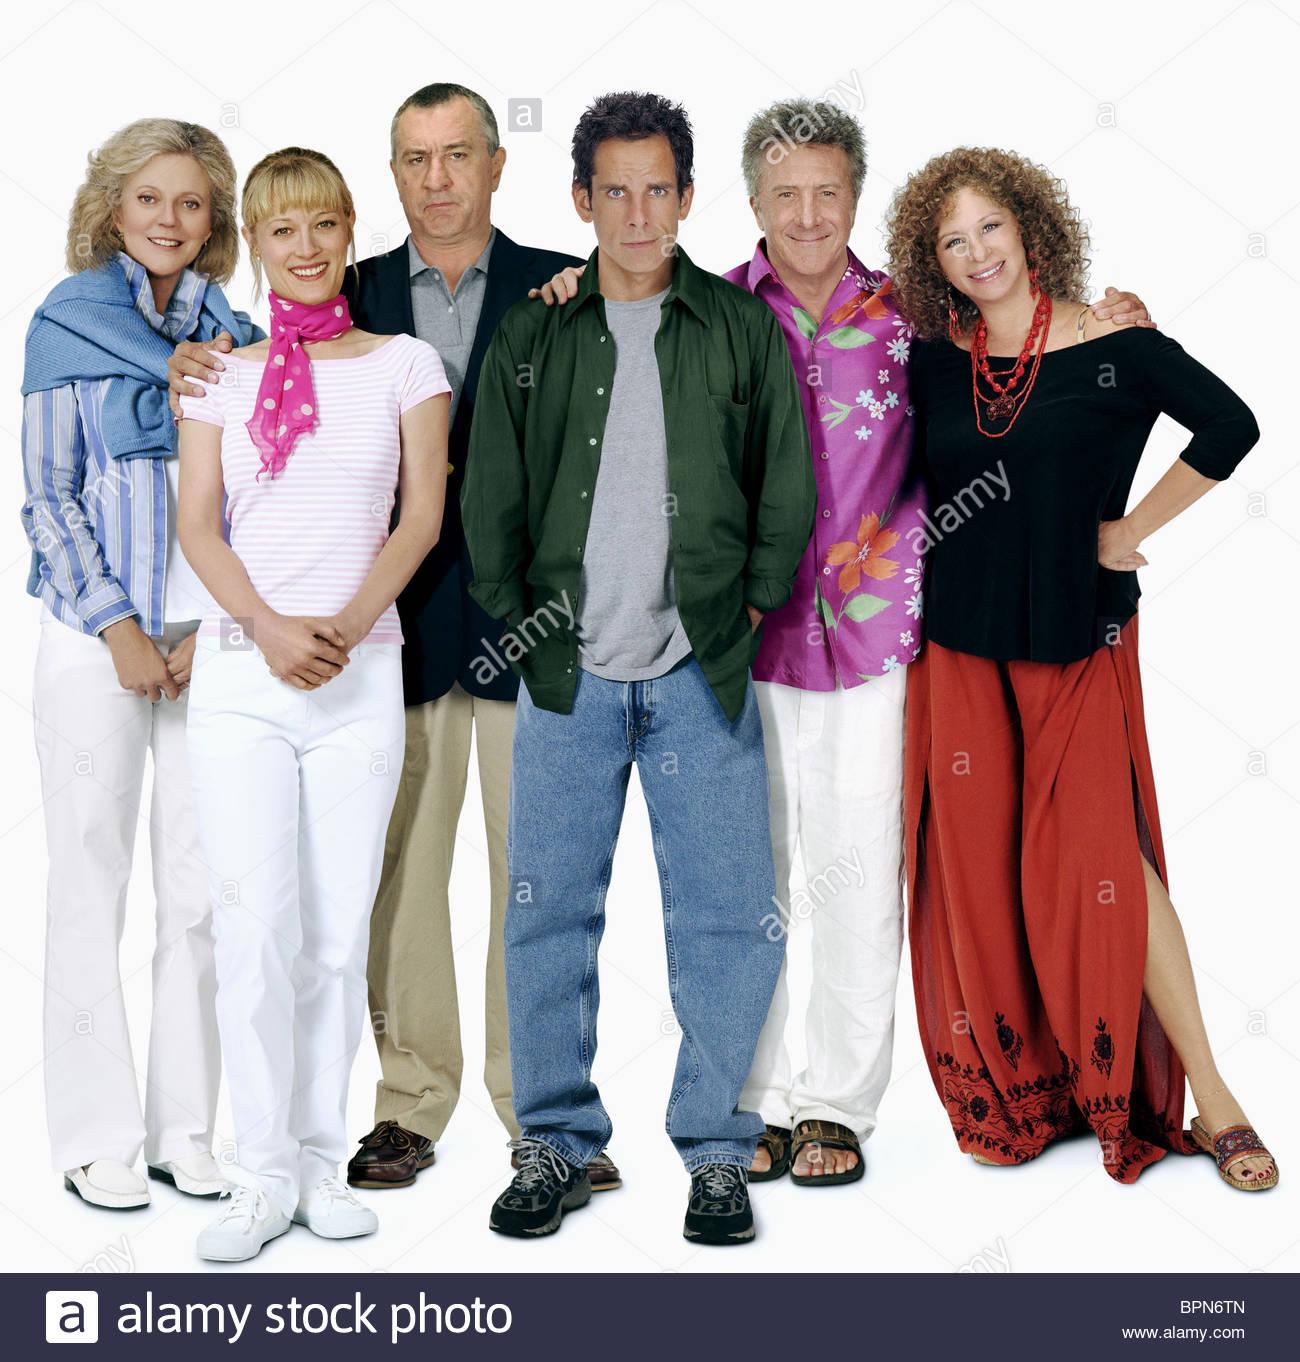 BLYTHE DANNER TERI POLO, Robert de Niro, Ben Stiller Dustin Hoffman y Barbra Streisand cumplen los FOCKERS (2004) Imagen De Stock